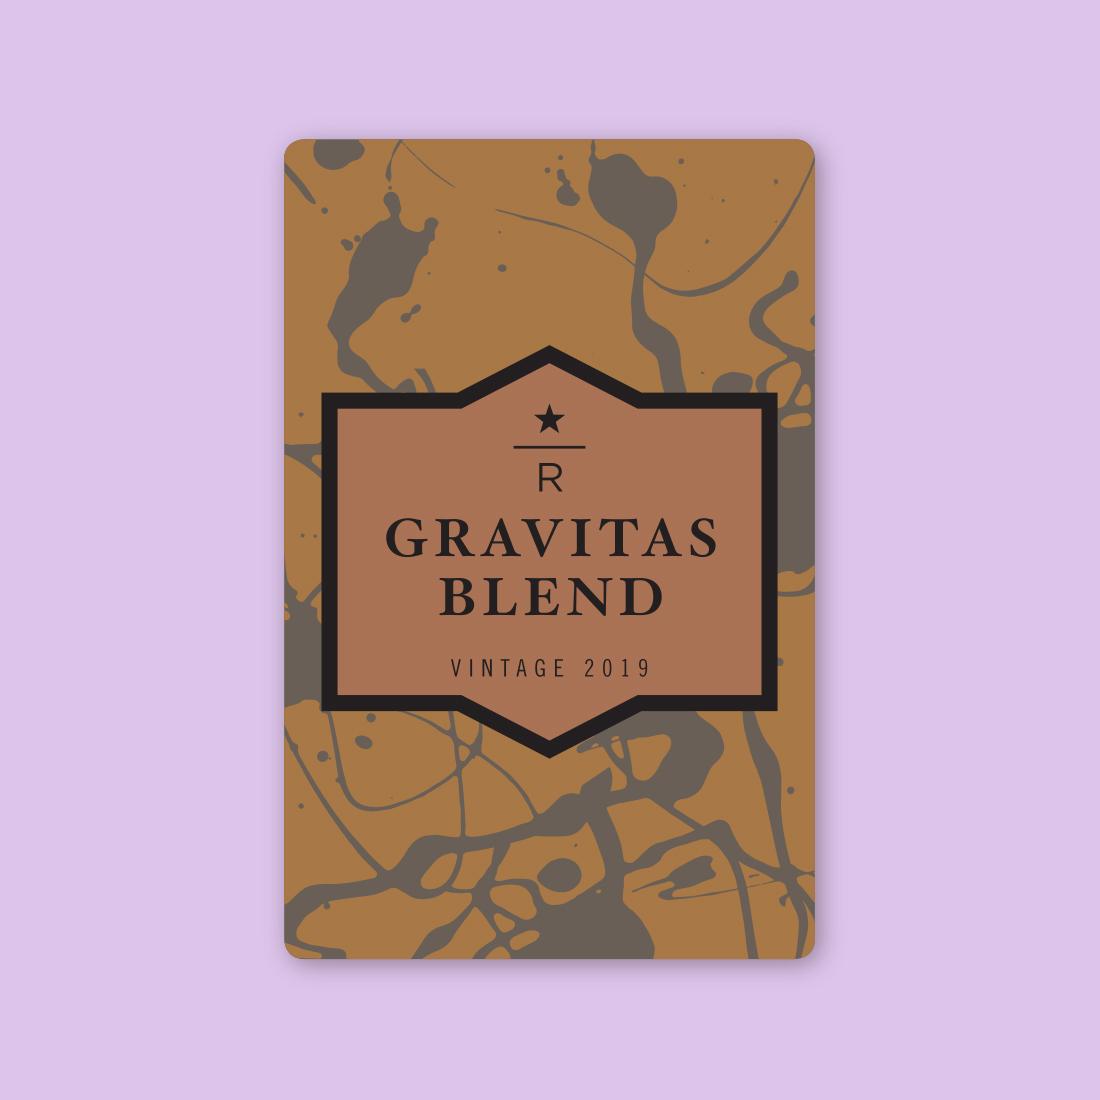 Coffee card illustration for GRAVITAS BLEND VINTAGE 2019